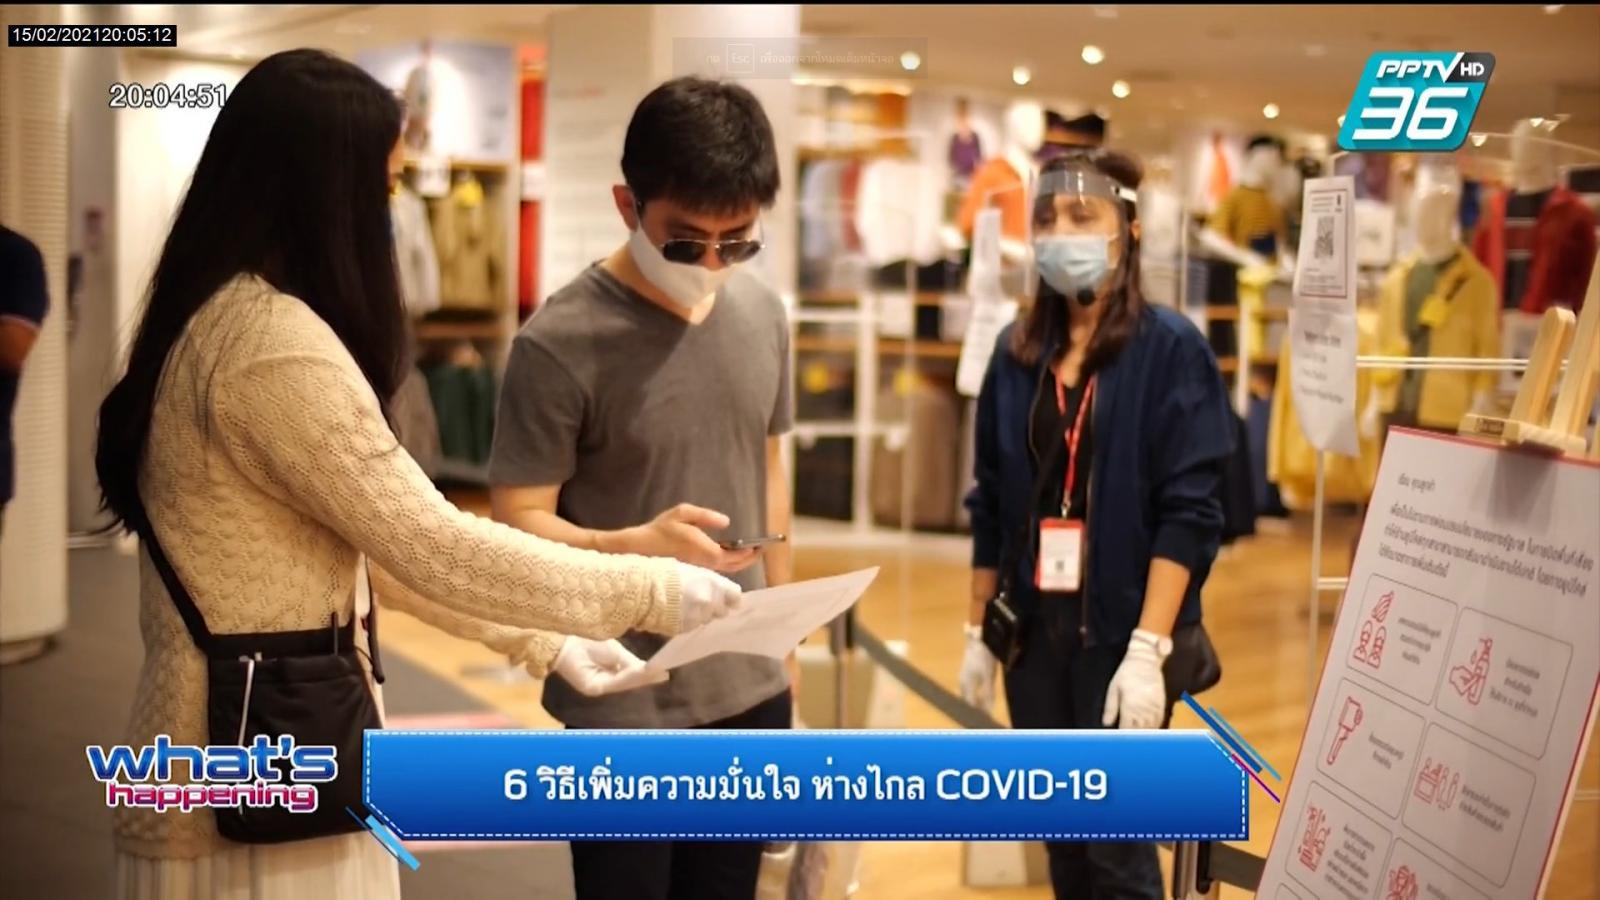 เอาตัวรอดจากไวรัส COVID-19